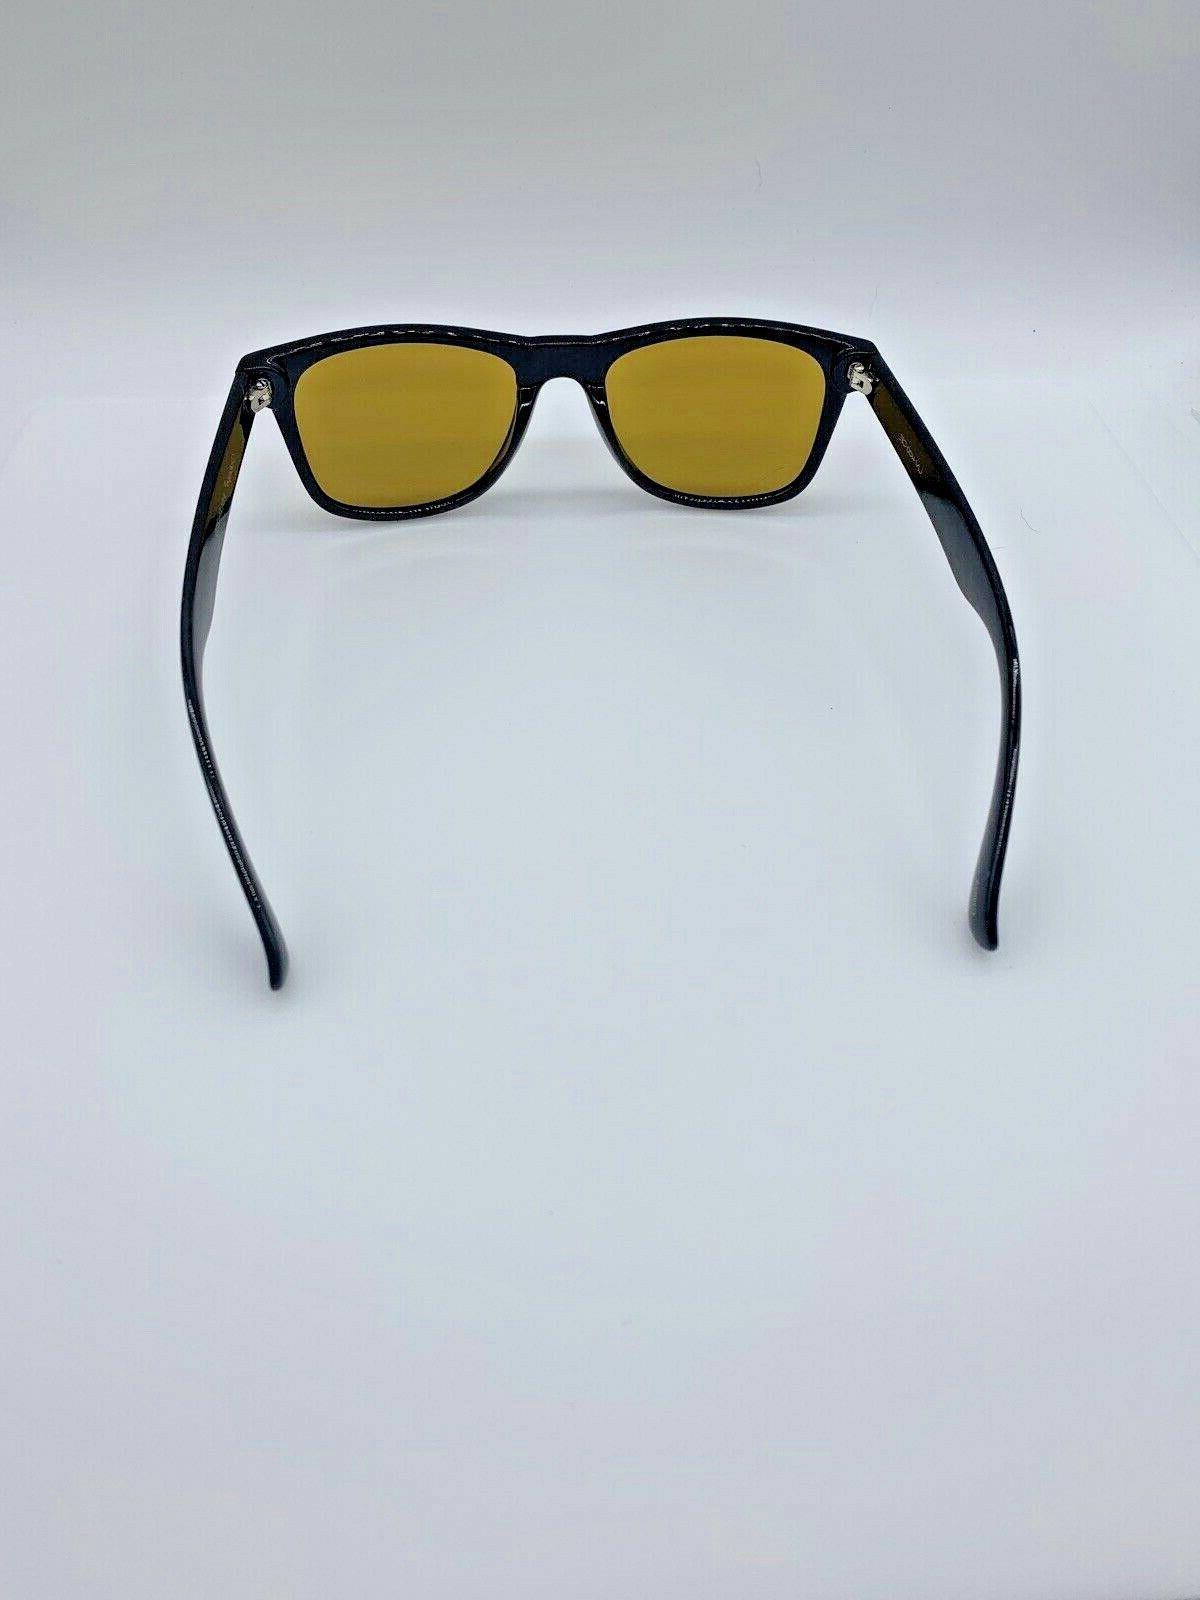 Polarspex PSX01 Retro 80's Sunglasses Black/Copper Sunglasses